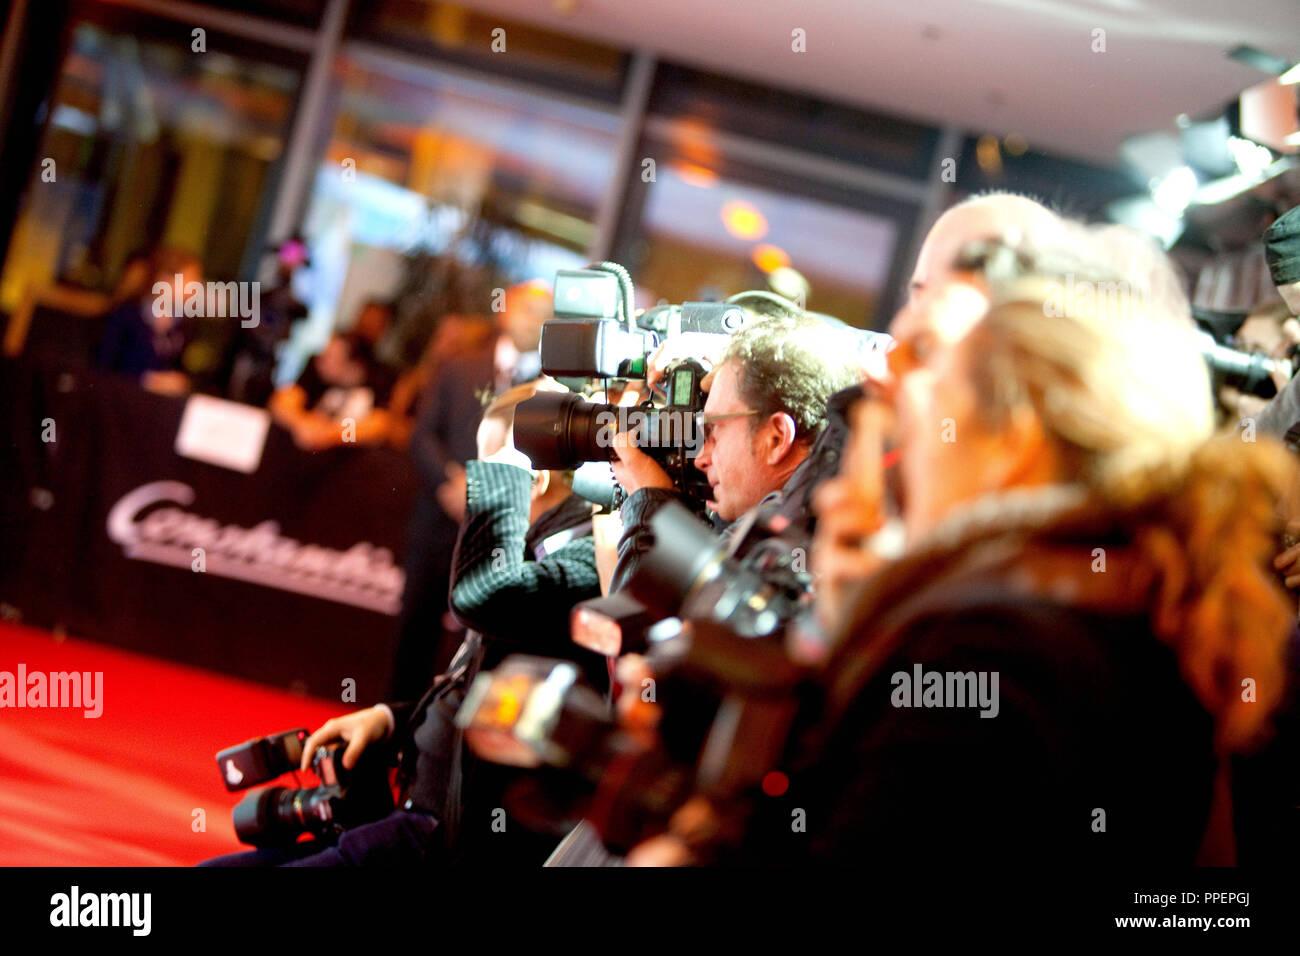 """Fotografen auf dem roten Teppich bei der Premiere des Films """"Alles inklusive"""" in München Mathäserkino, Deutschland Stockbild"""